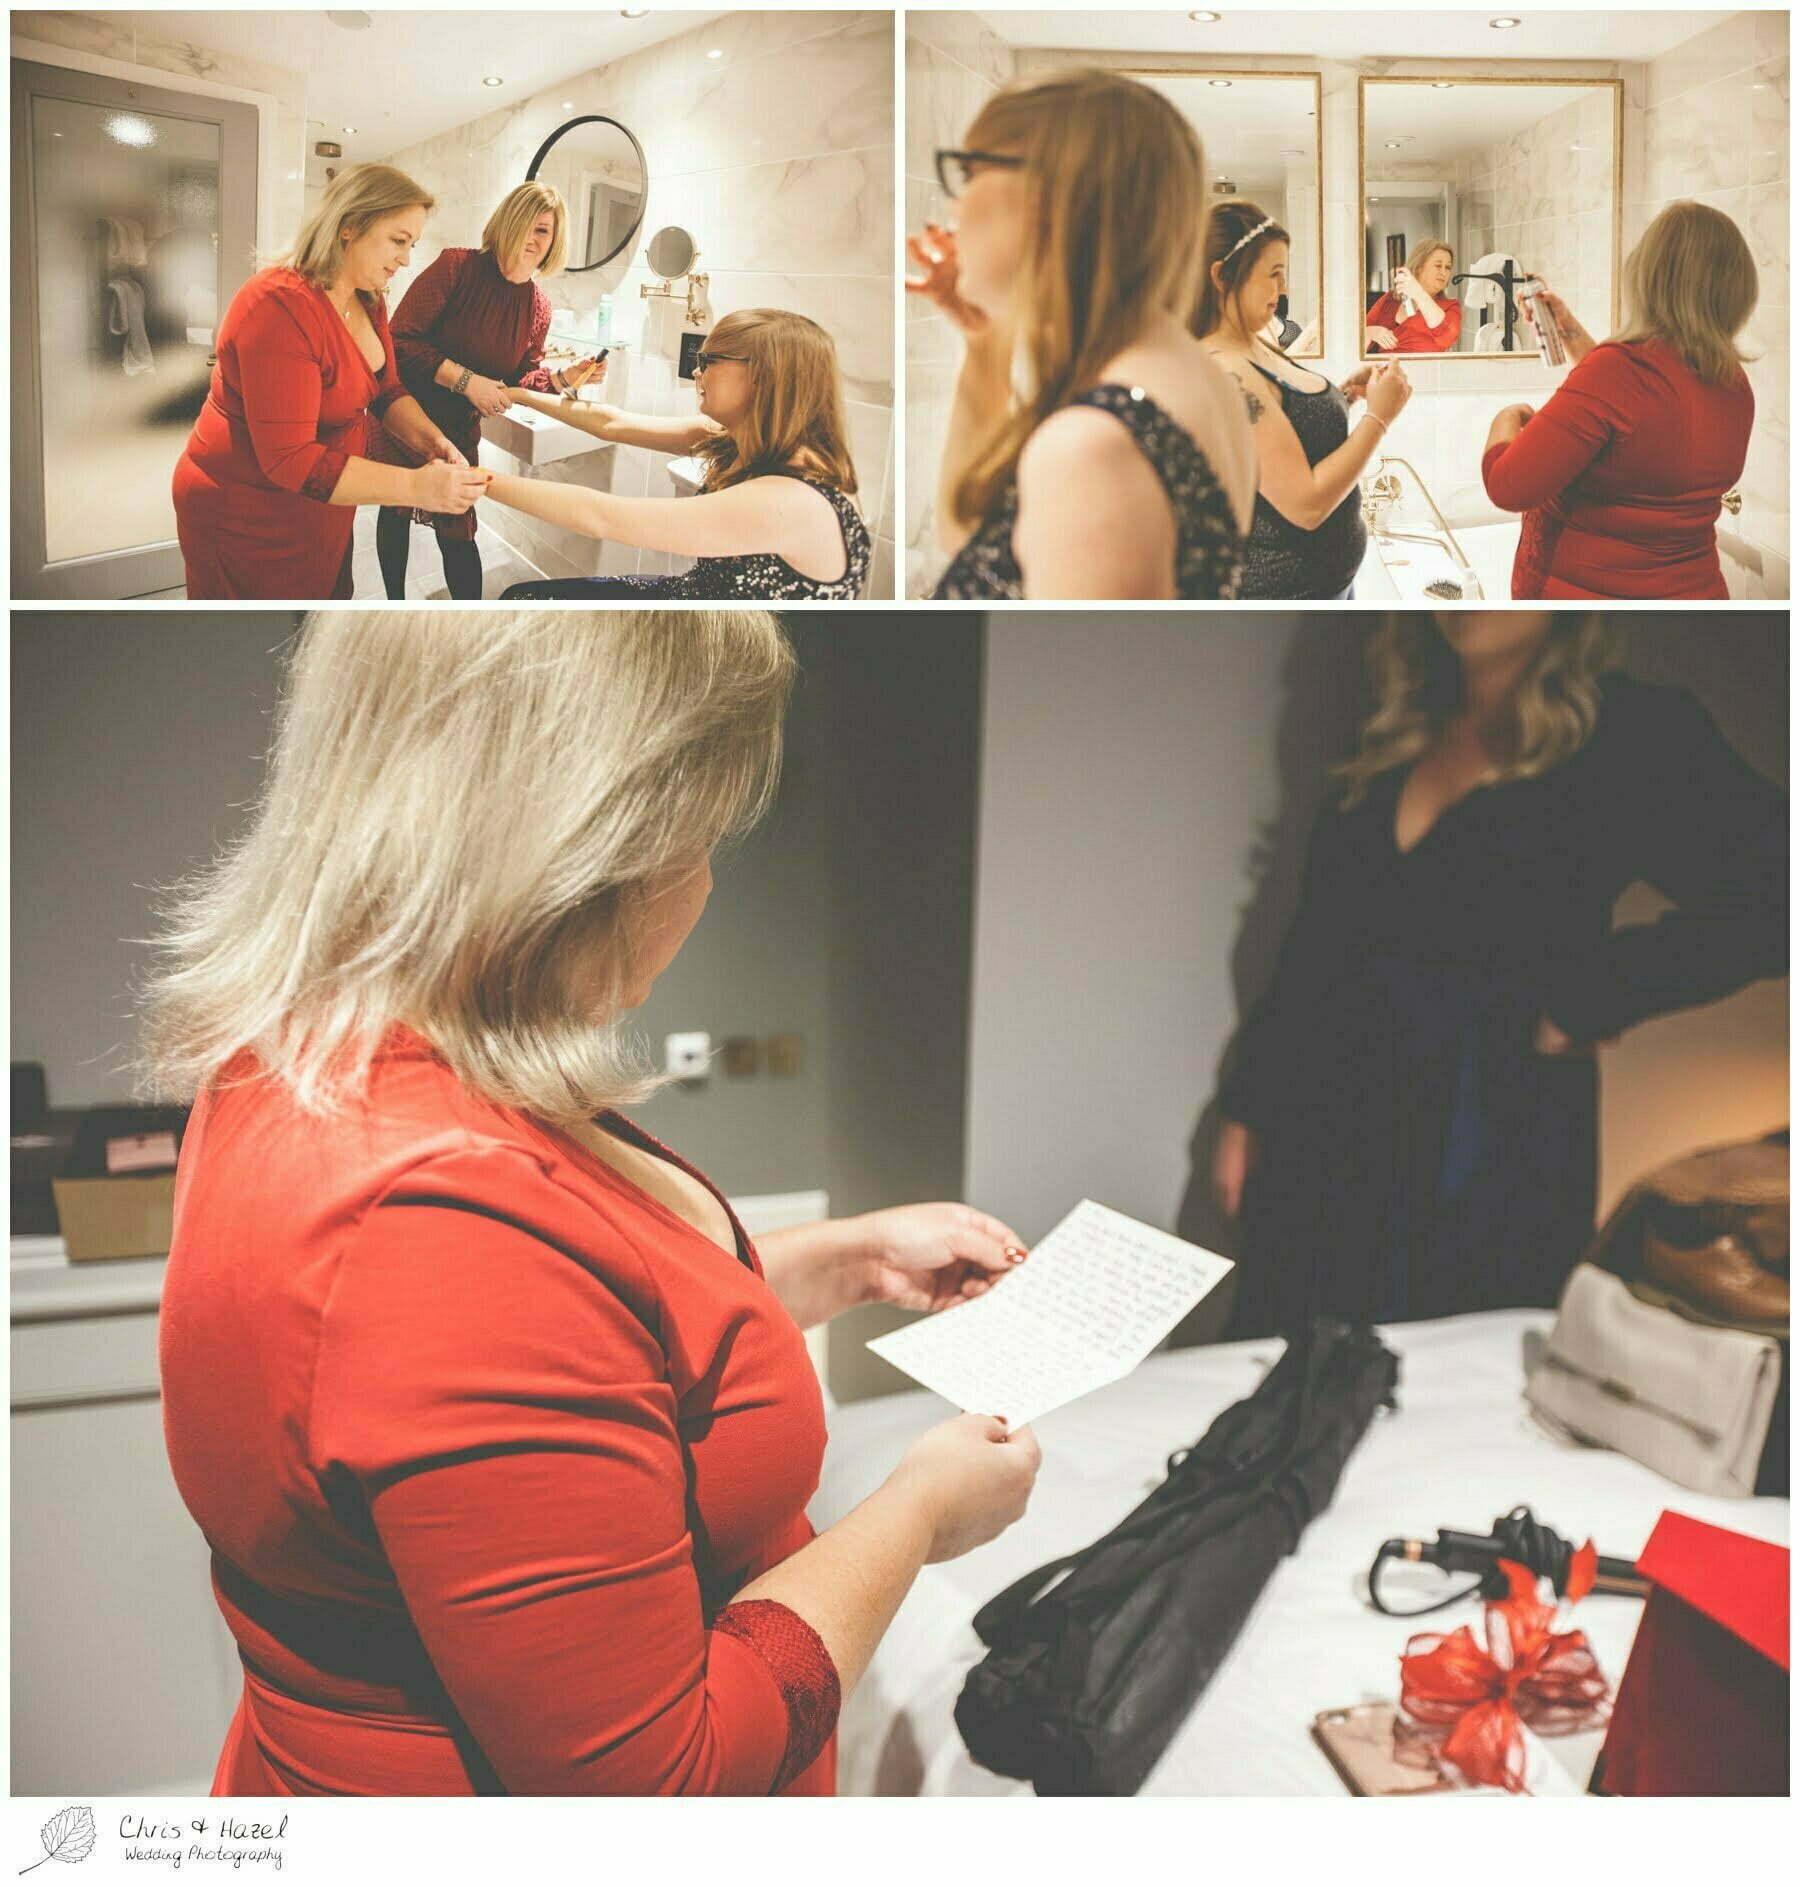 Bride getting ready preparations, Bath Wedding Photography, Hotel indigo bath, Bath Wedding Photographer, Wedding in Bath, Bath Wedding Day, documentary wedding photography, Chris and Hazel Wedding Photography Bath, Sammie Singfield Scott Brown